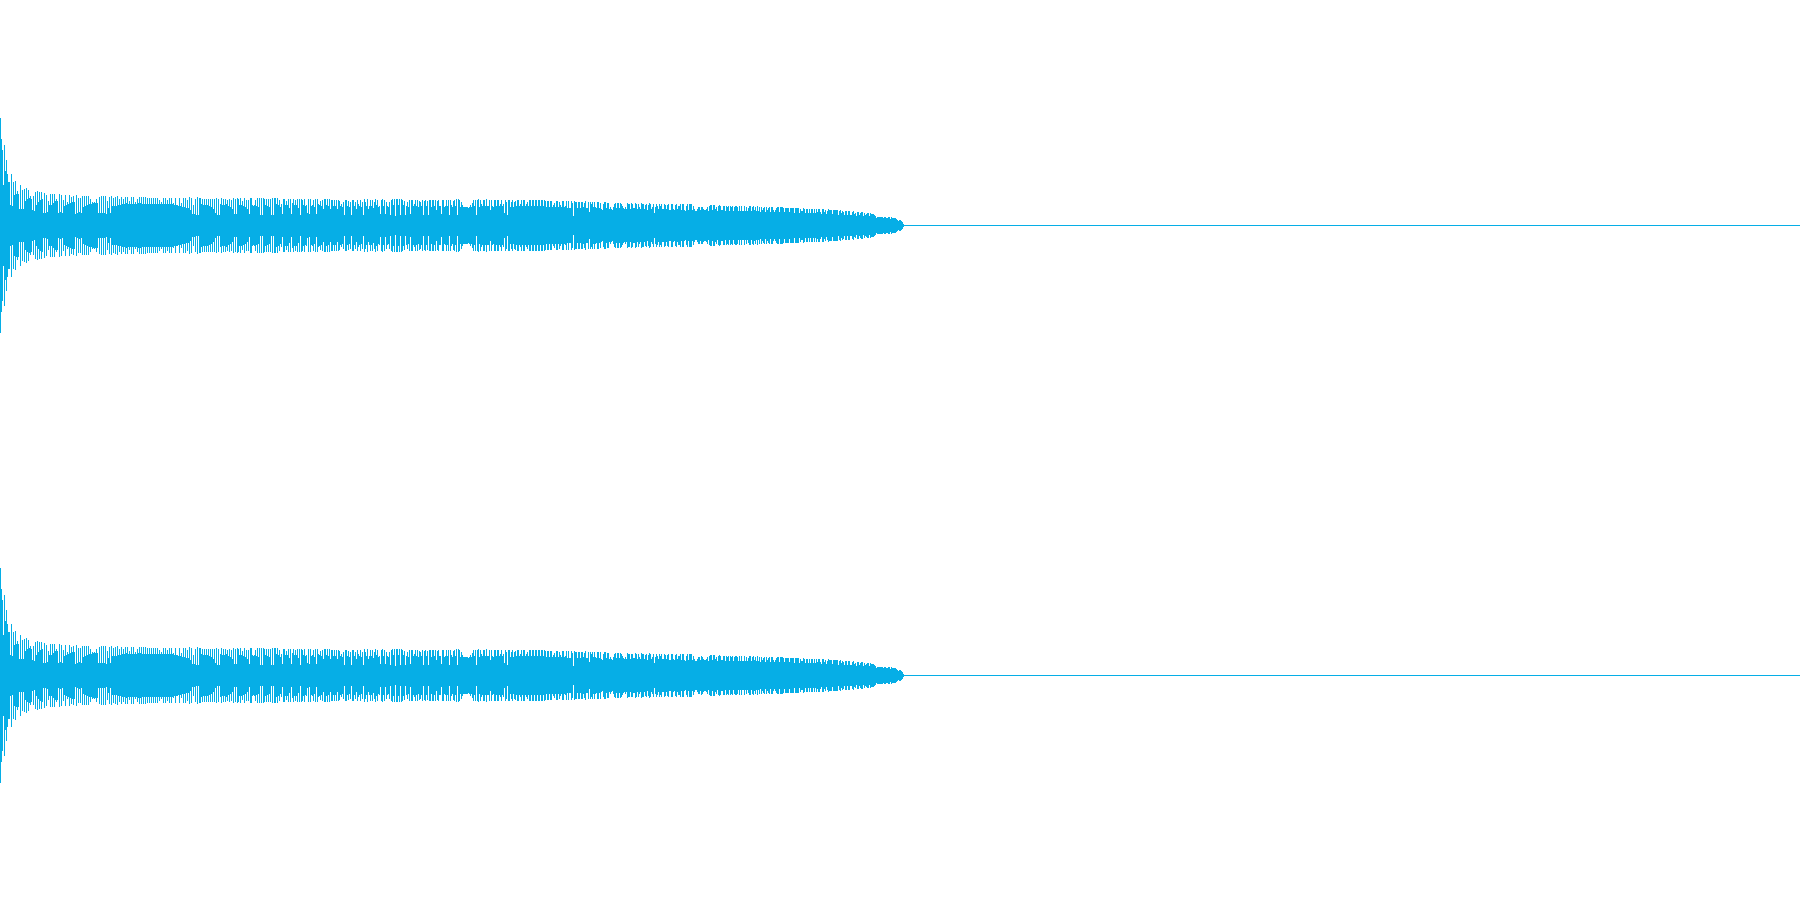 ステータスアップや嬉しい時に流れる効果音の再生済みの波形